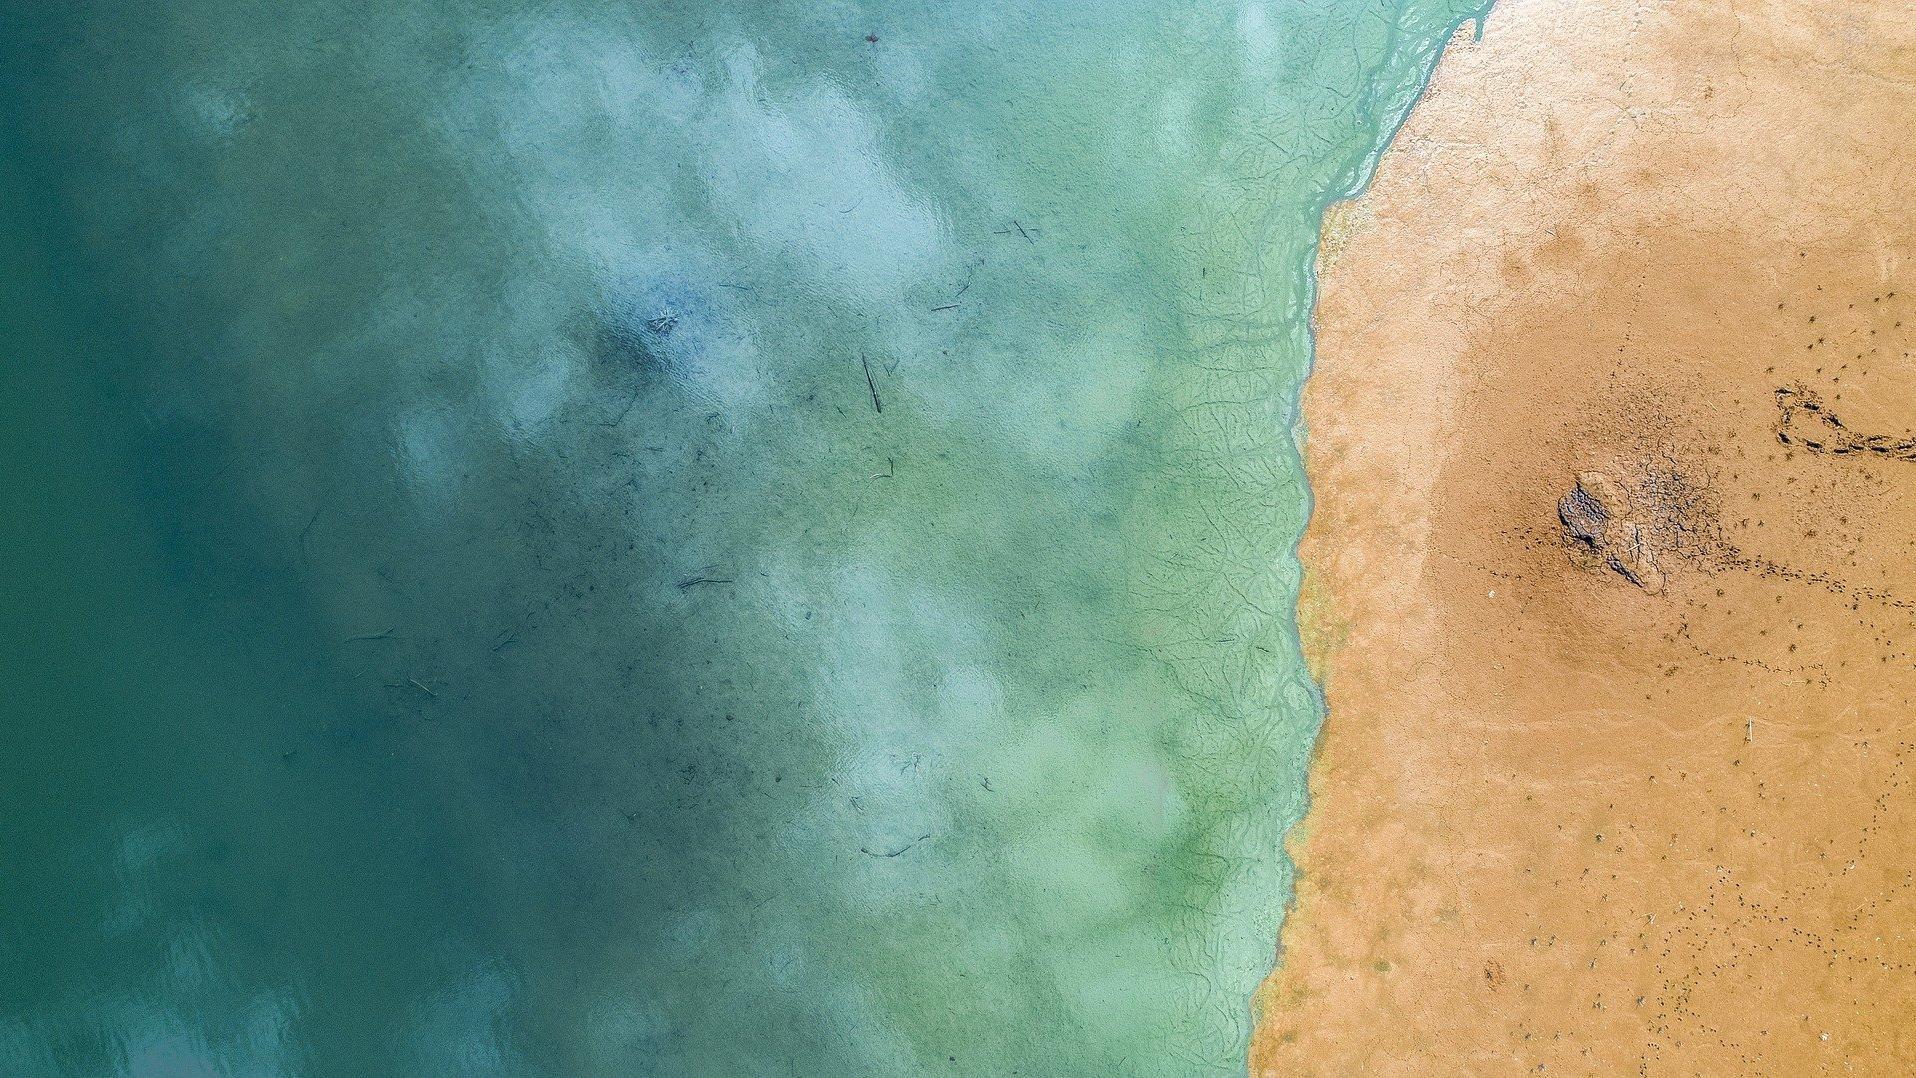 放射性污染成海洋之痛